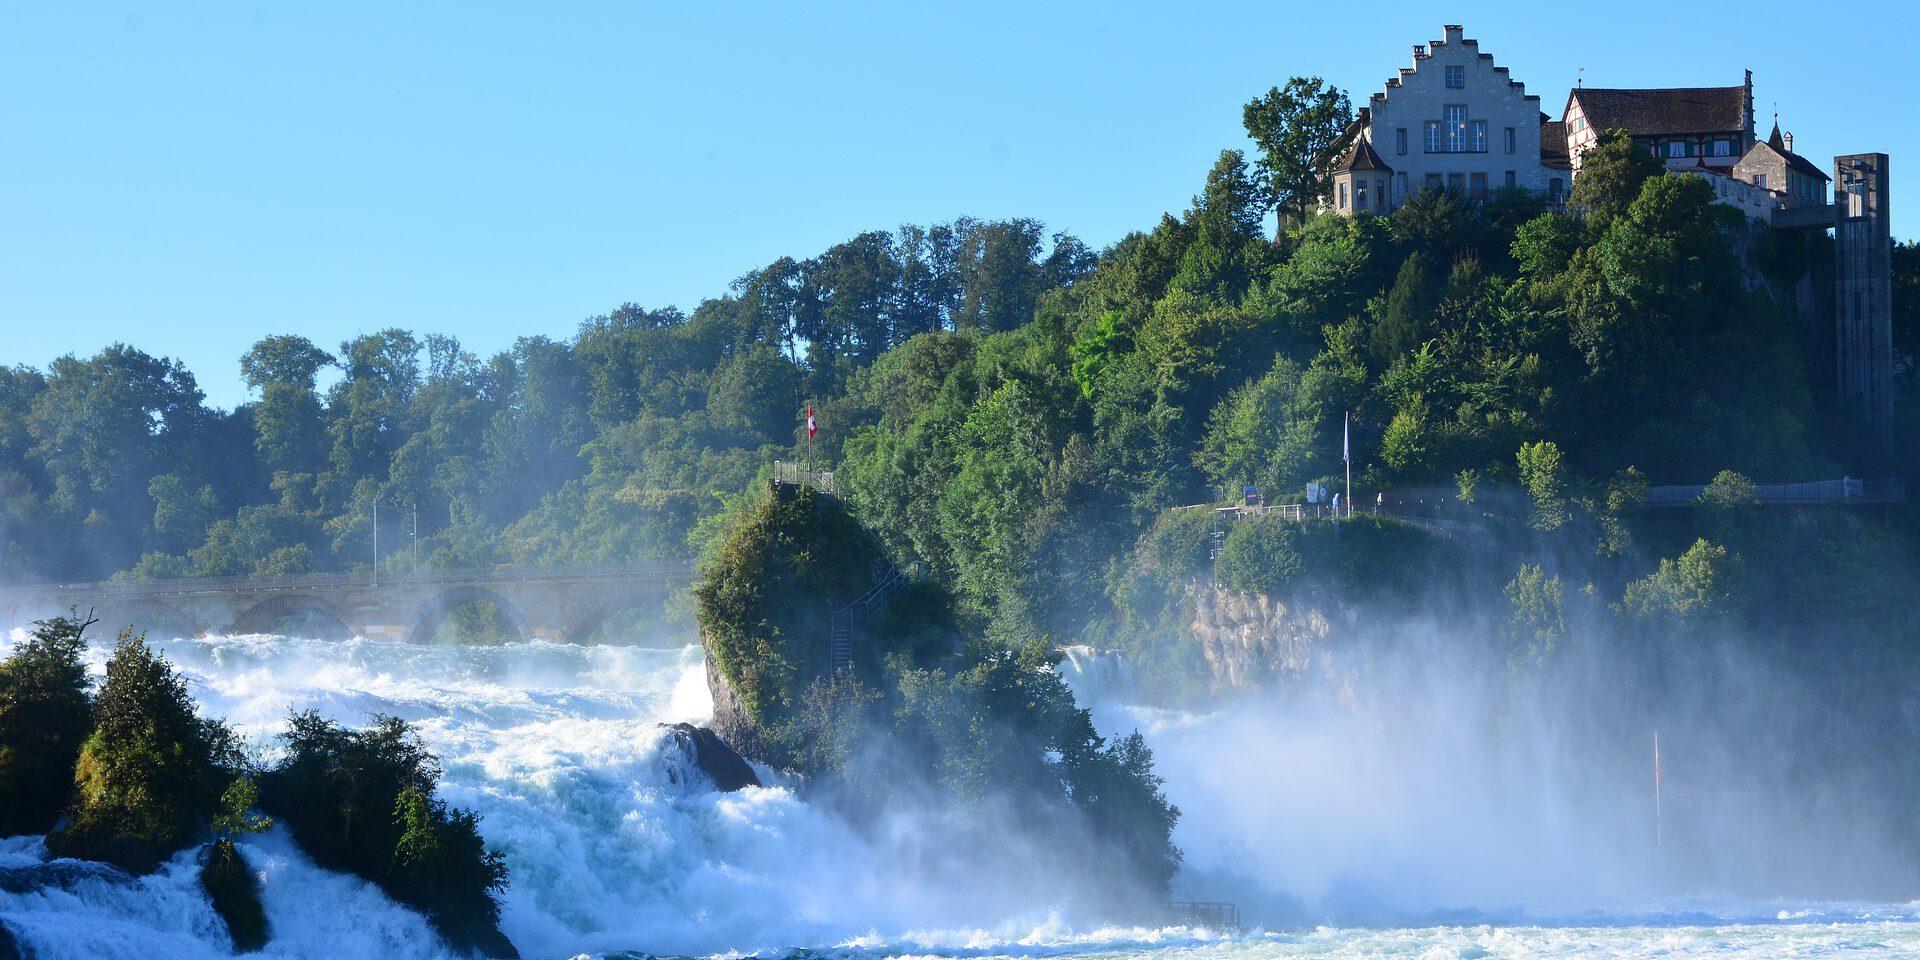 Waterval met gebouwen op rotsen